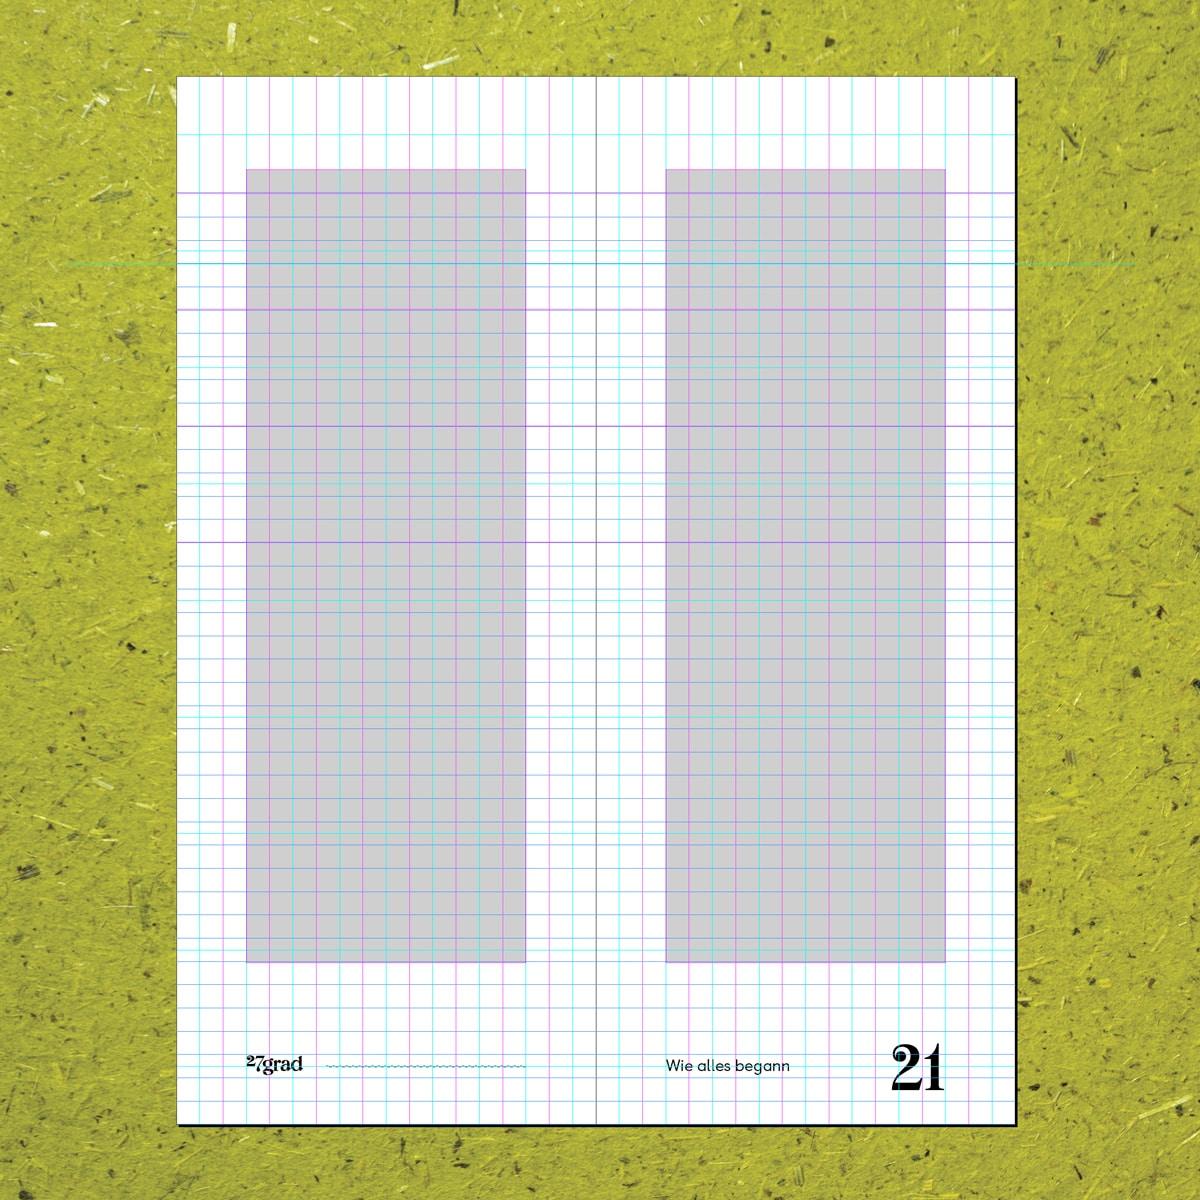 99CultureBooks-by-avak_27grad-Gestaltungsraster